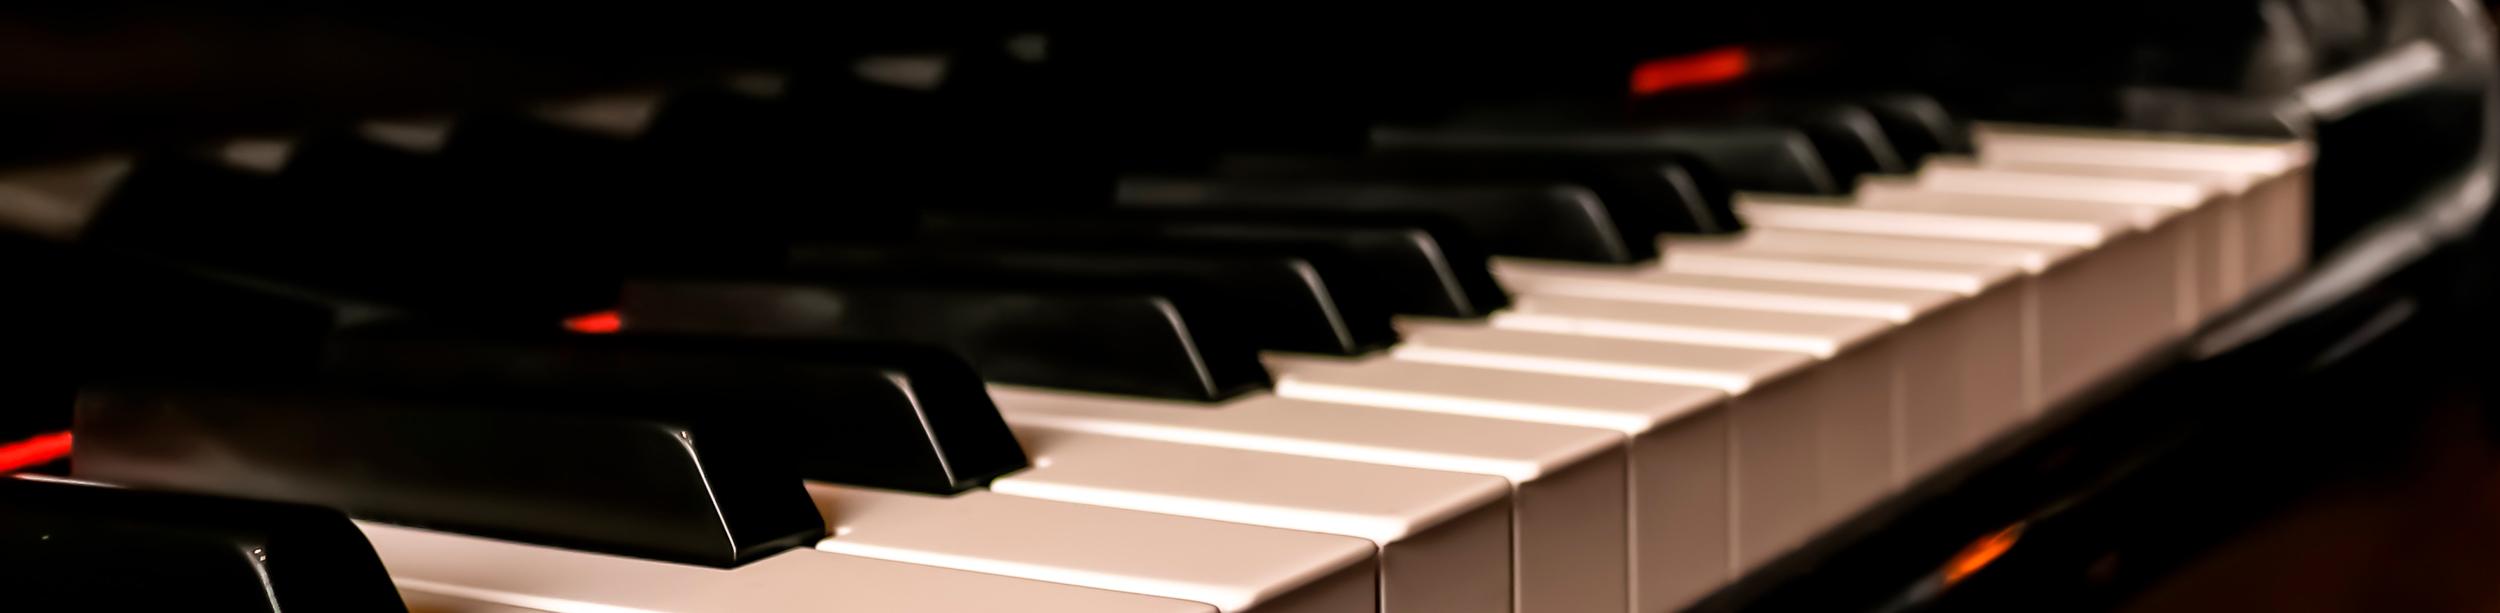 Algam Eko keyboard piano